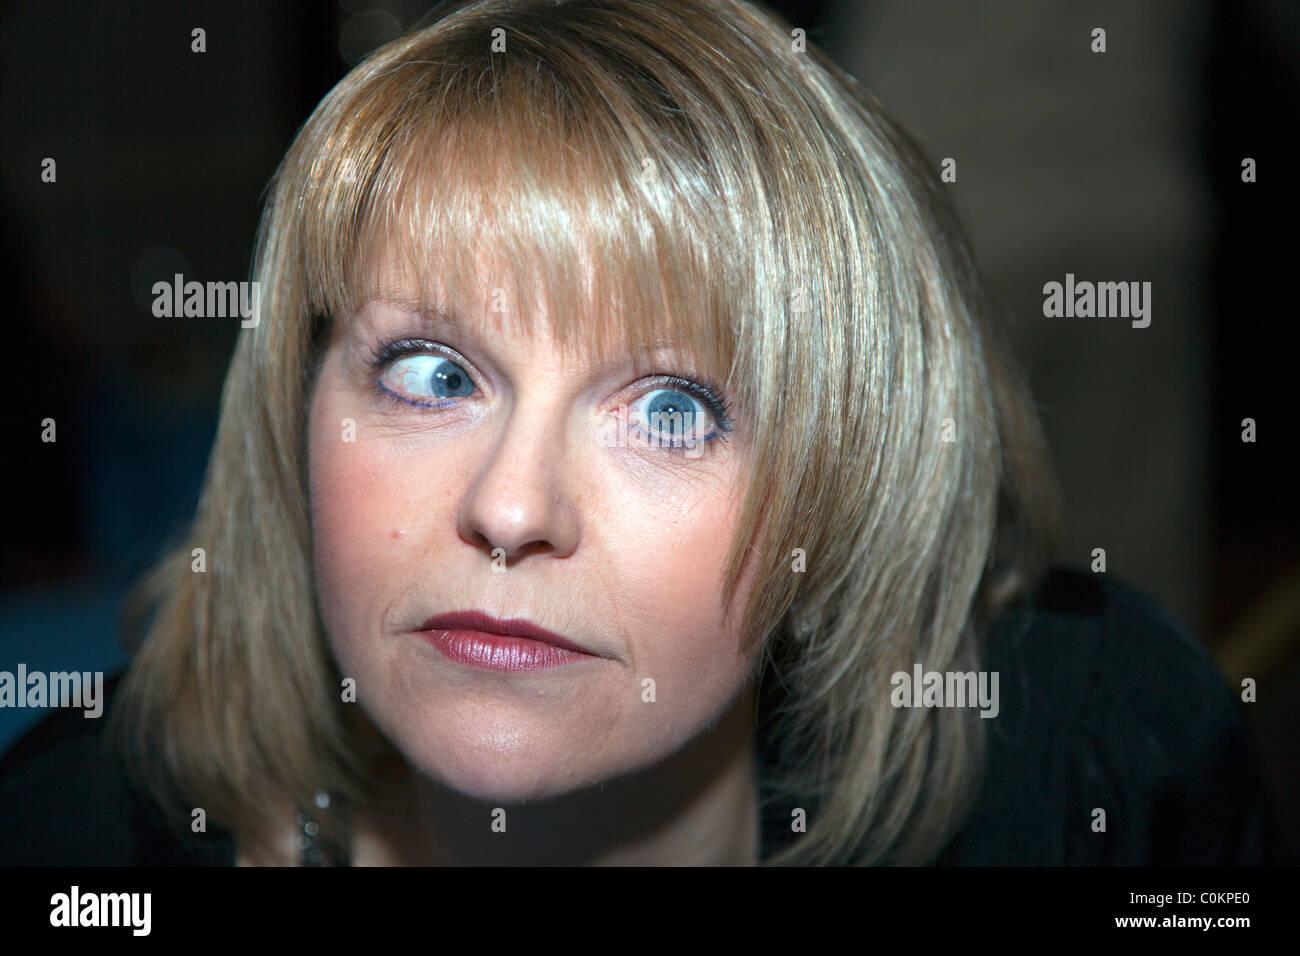 Cross eyed lady avec ésotropie un oeil paresseux qui ressemble à du côté du nez Photo Stock